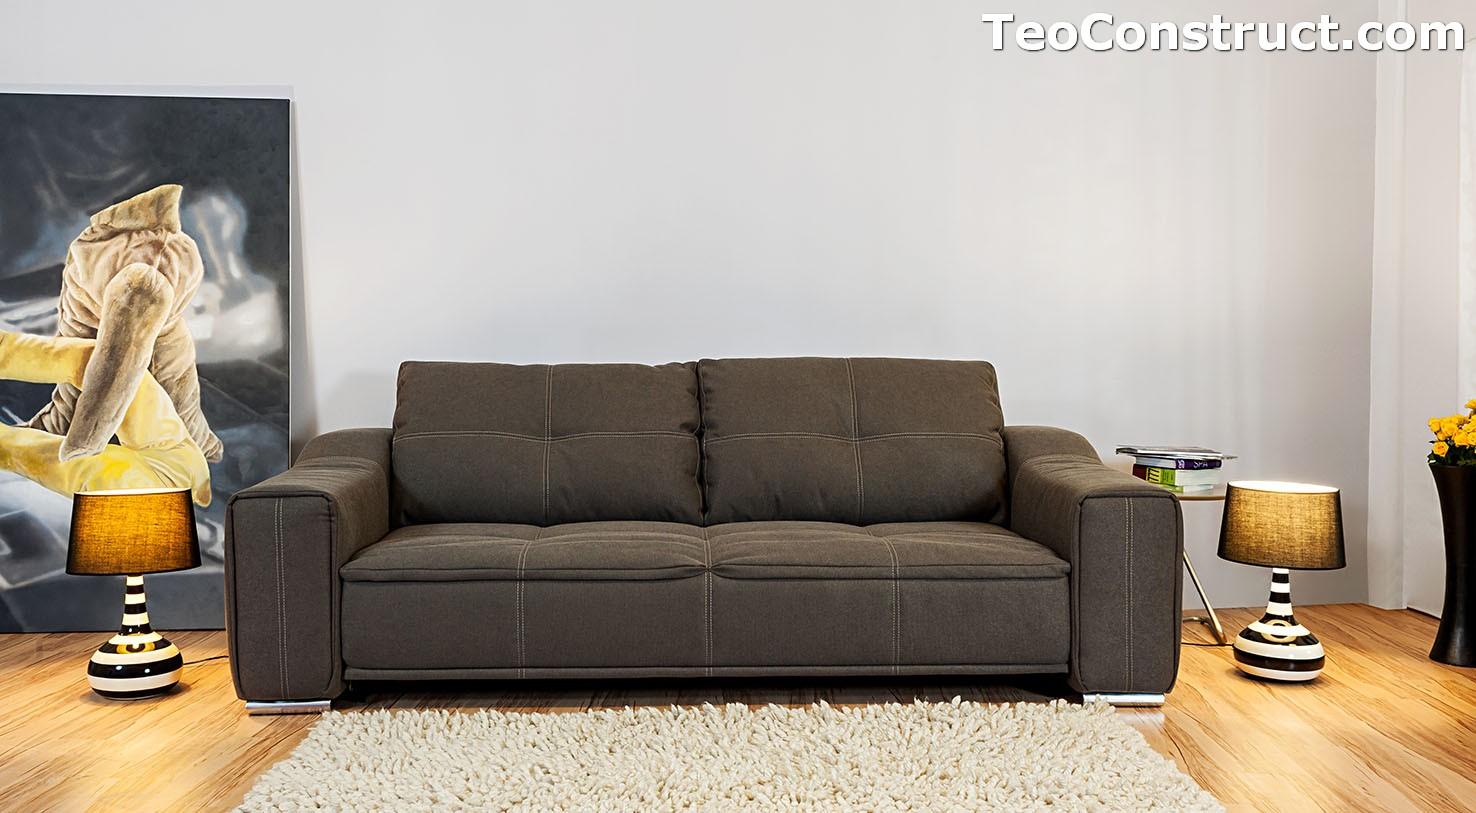 Canapea Isabela extensibila pentru living 3